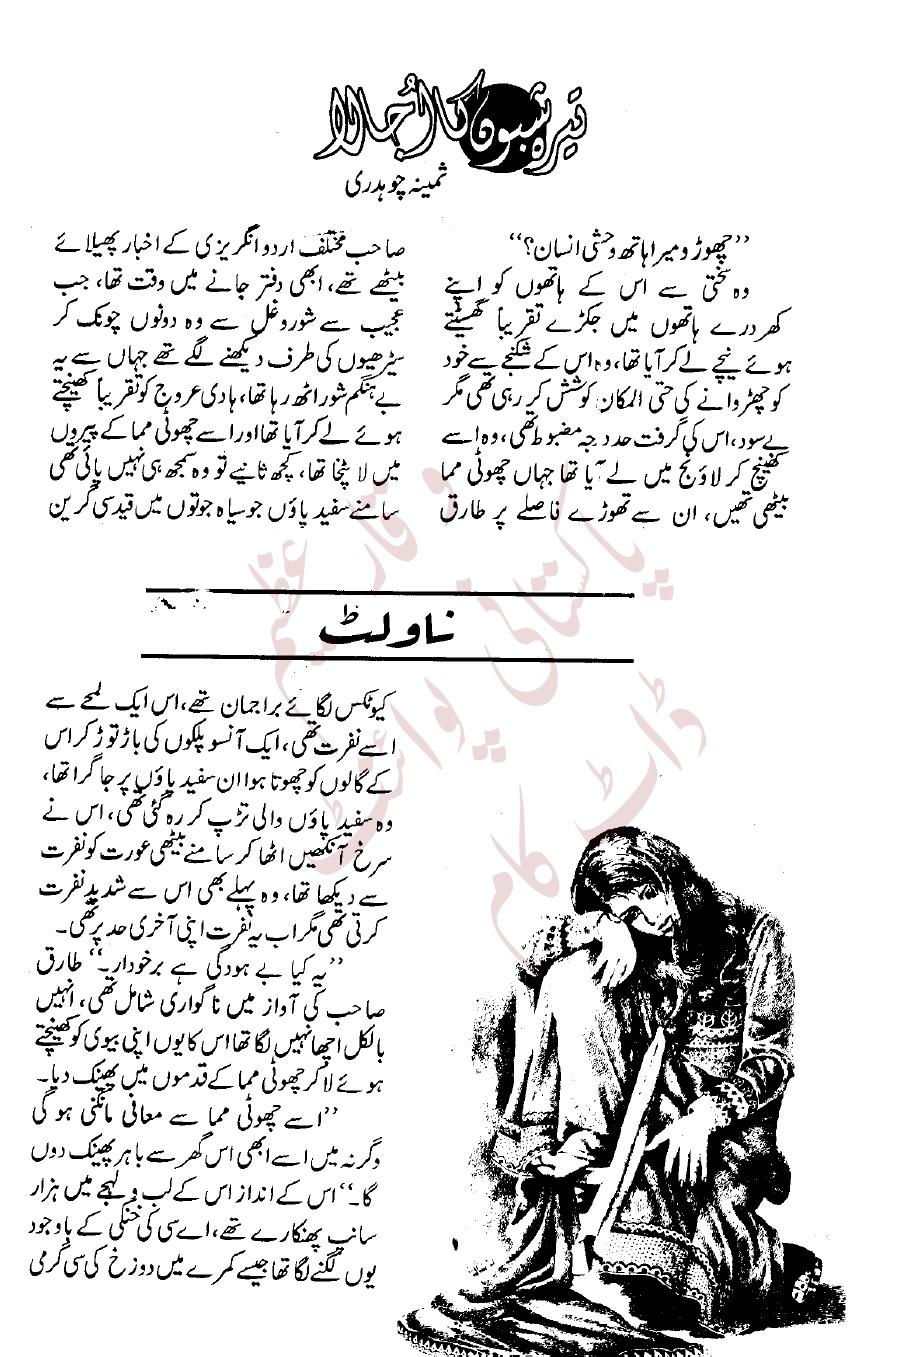 EZ Readings: Terah shabon ka ujala by Samina Choudhary pdf